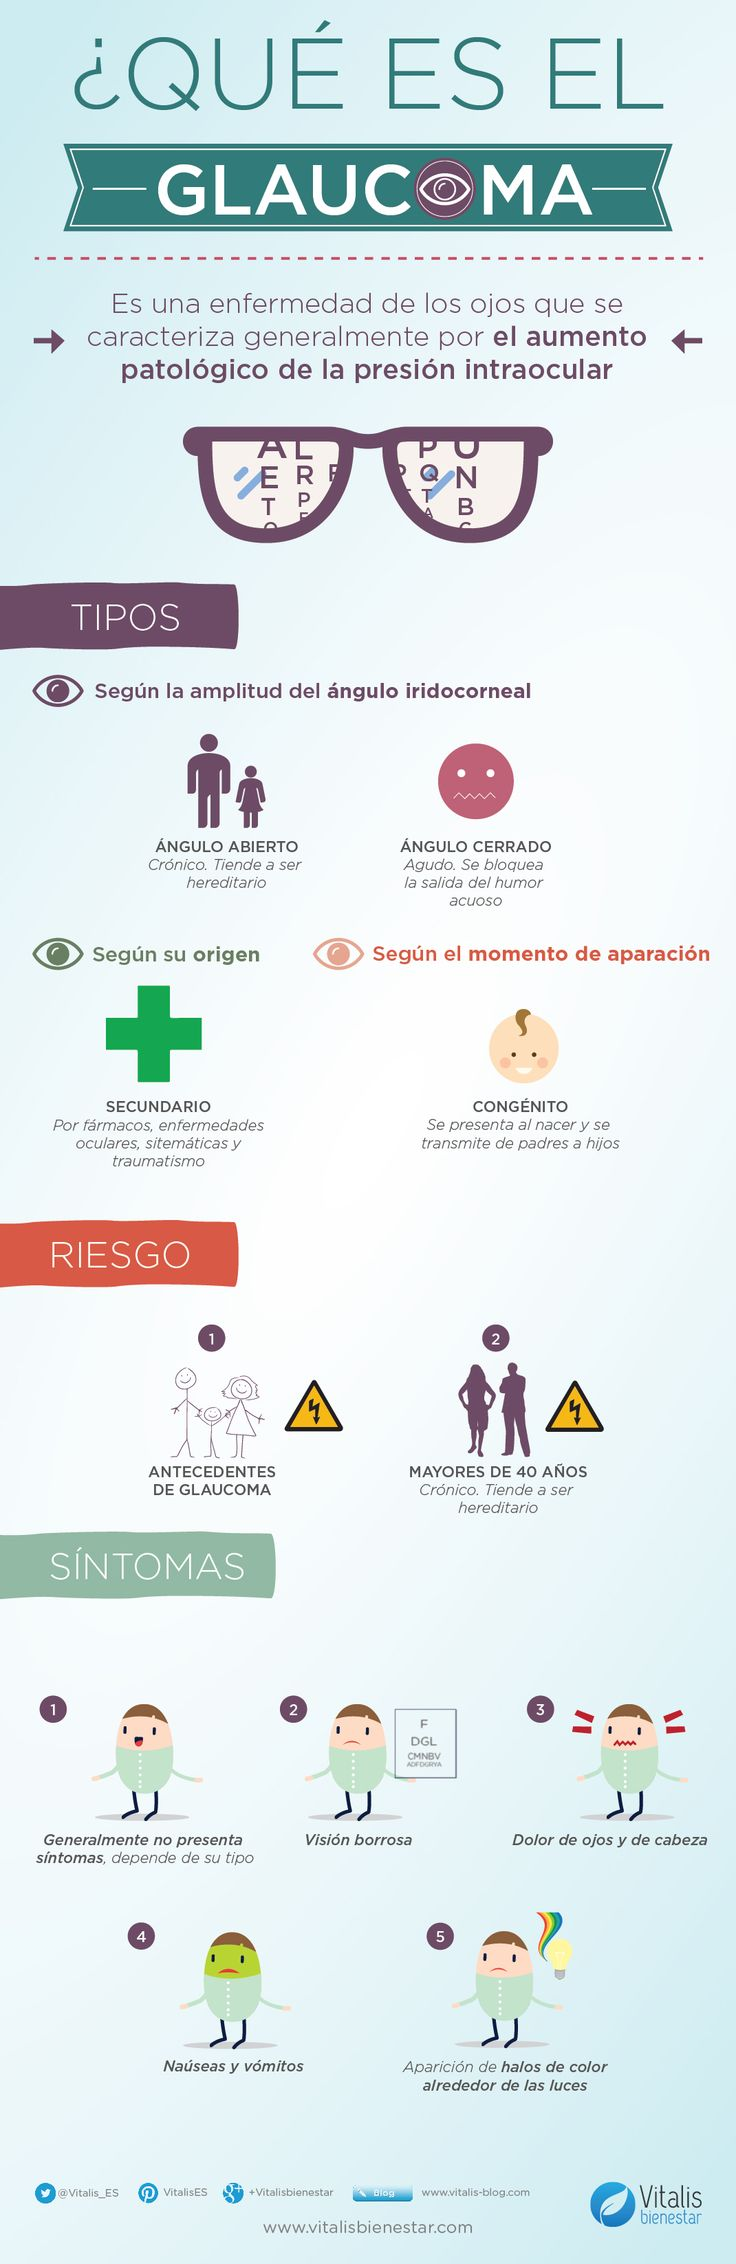 Día Mundial del Glaucoma #infografía. Descubre todo lo que necesitas saber sobre el Glaucoma en esta infografía que hemos preparado para este día. #infographic #salud